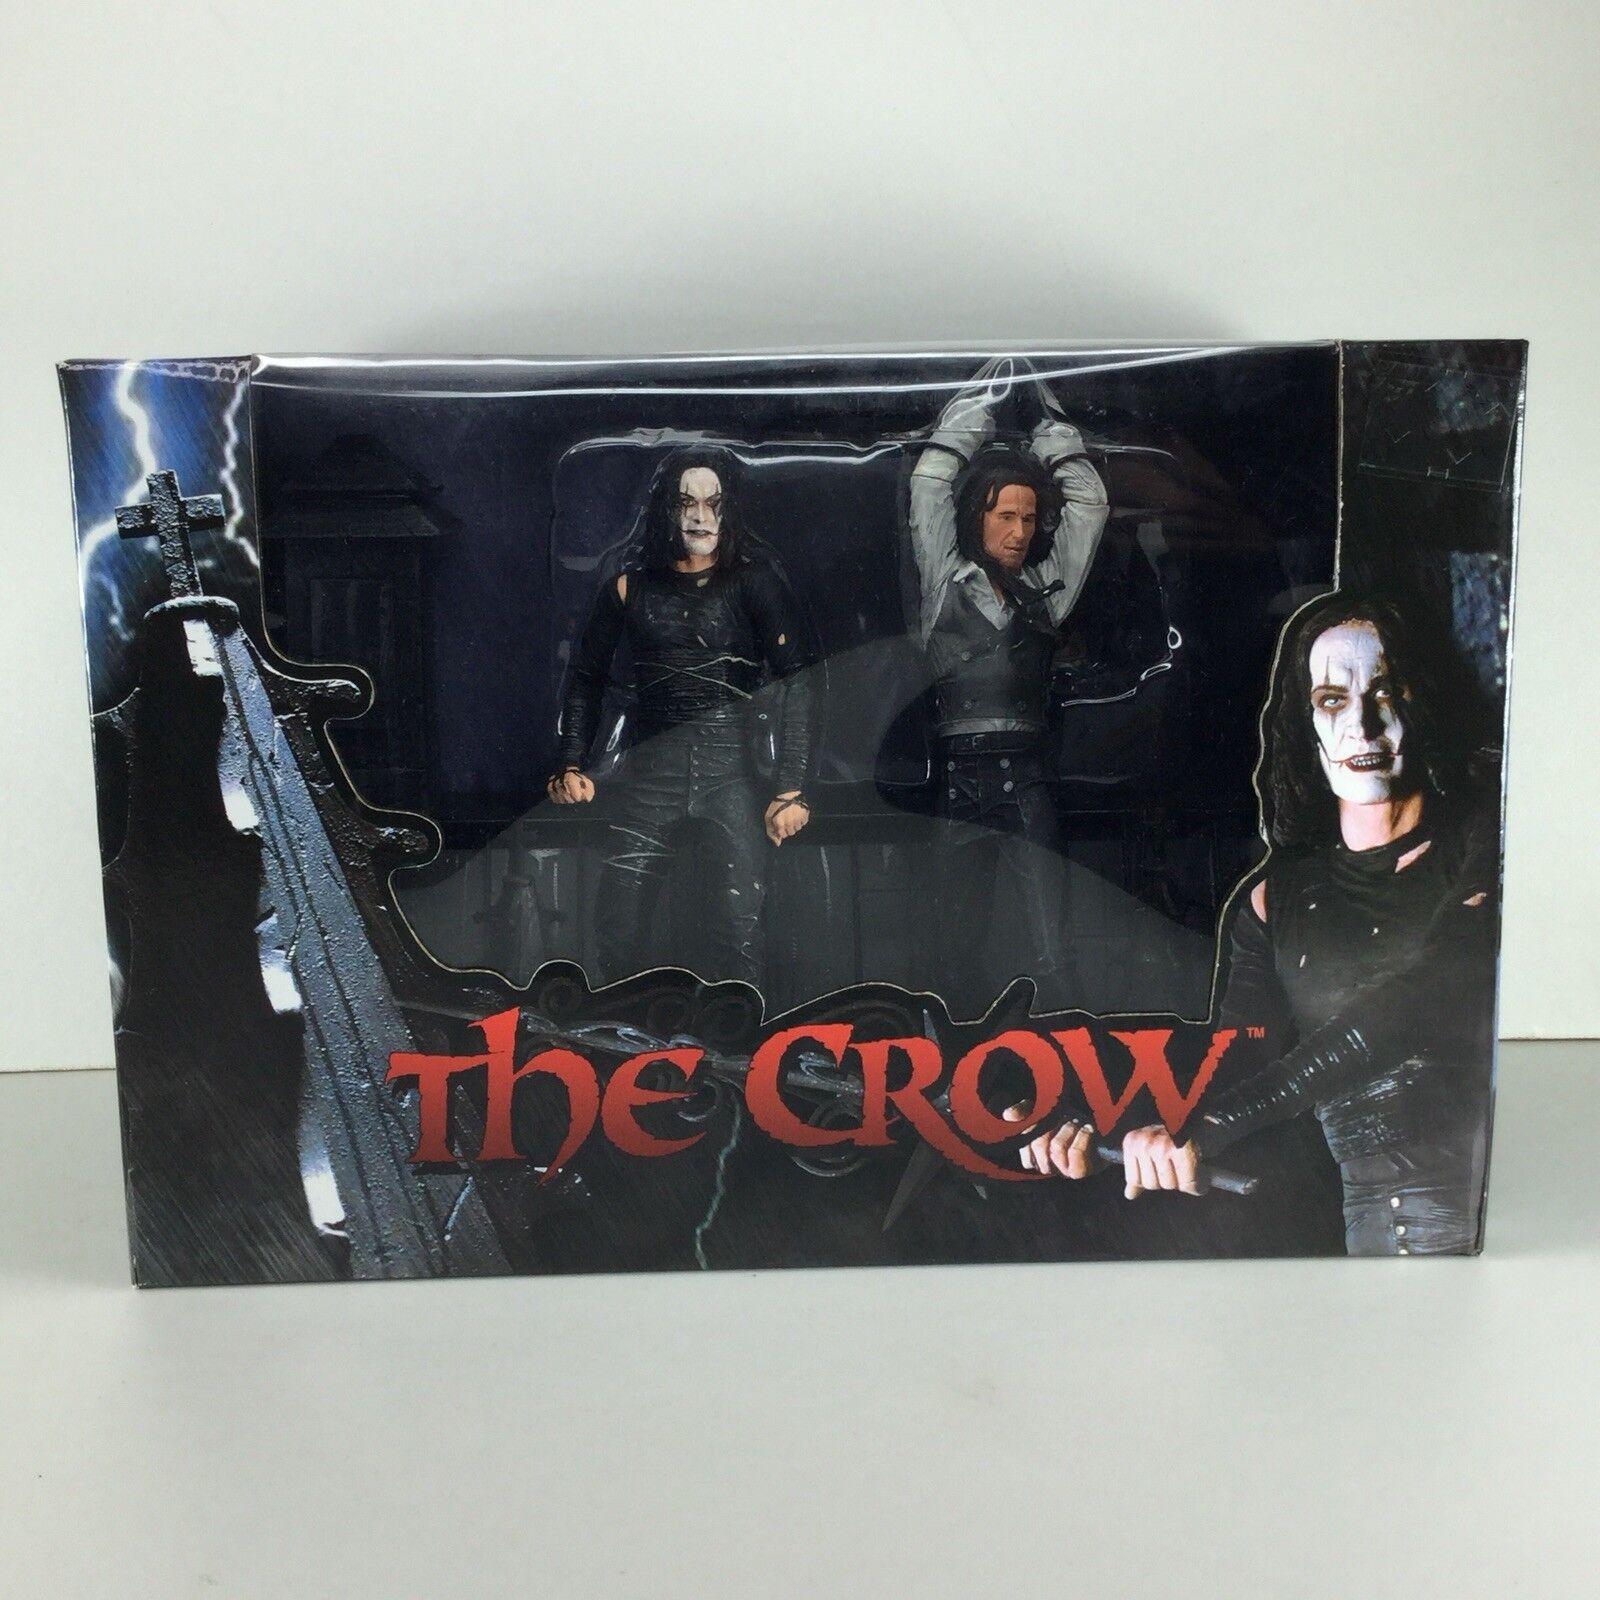 Neca Reel juguetes figura de acción El Cuervo Set Nuevo Horror Cult Movie Brandon Lee